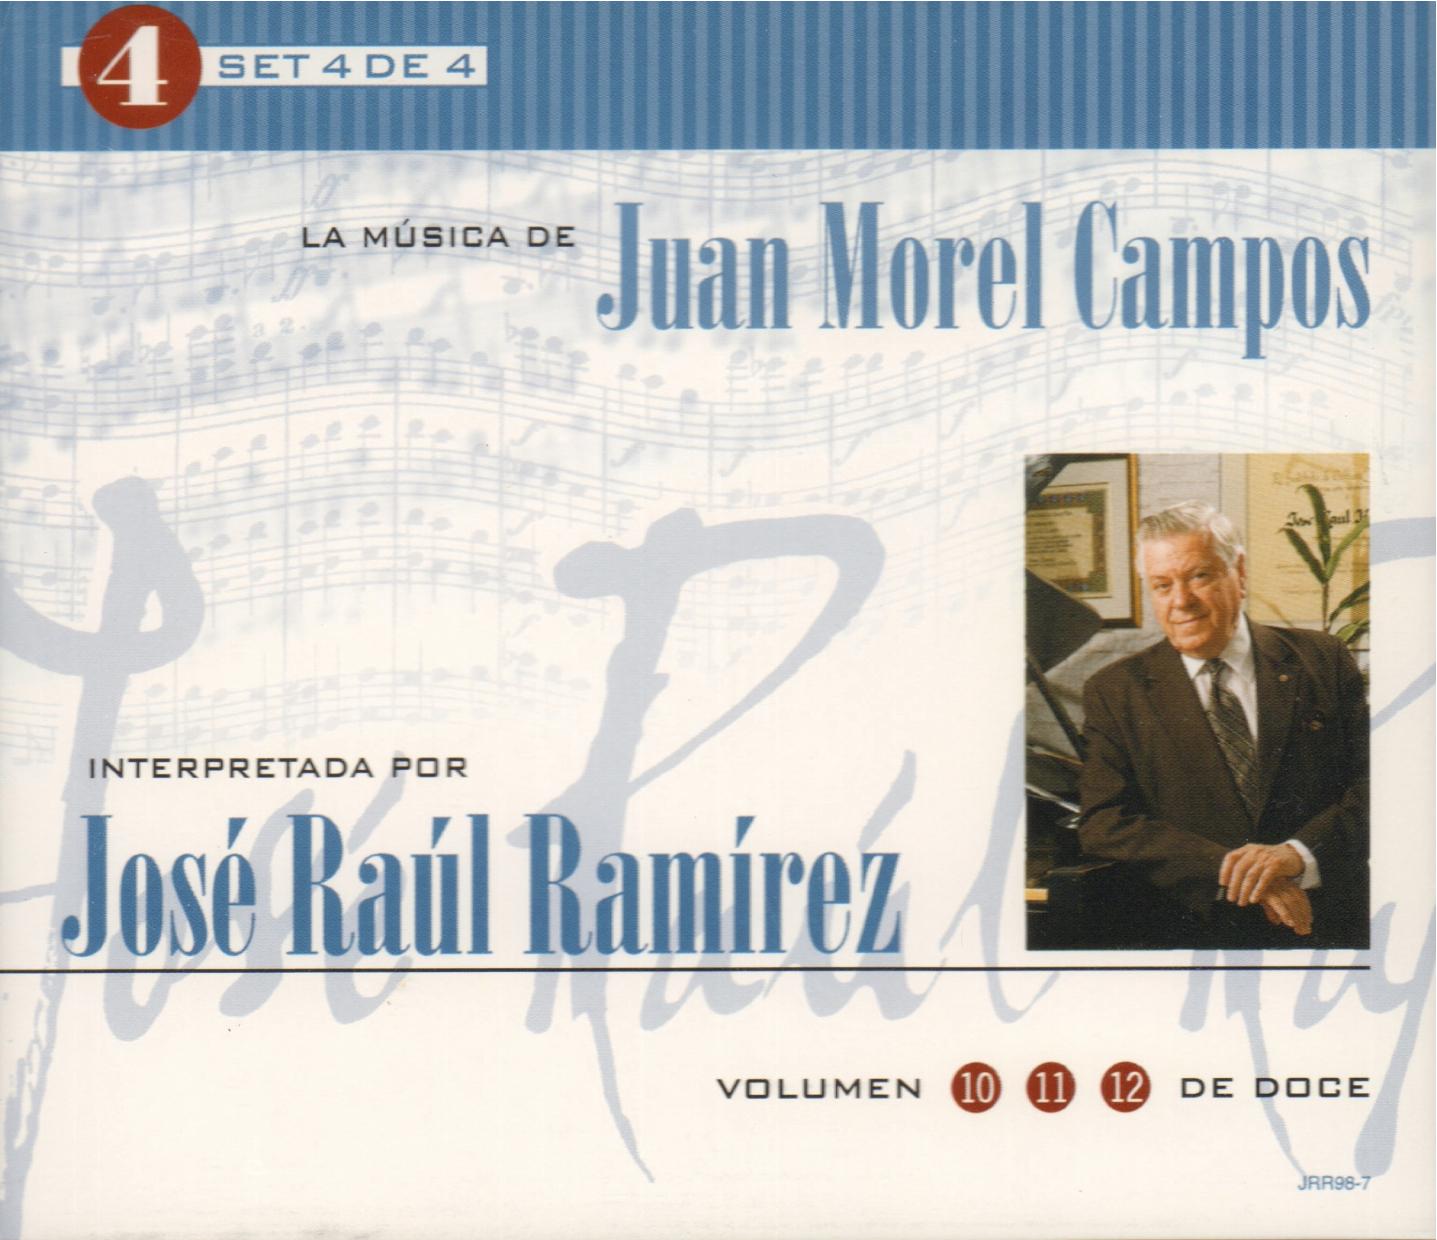 Set 4 de 4: La Música de Juan Morel Campos interpretada por José Raúl Ramírez